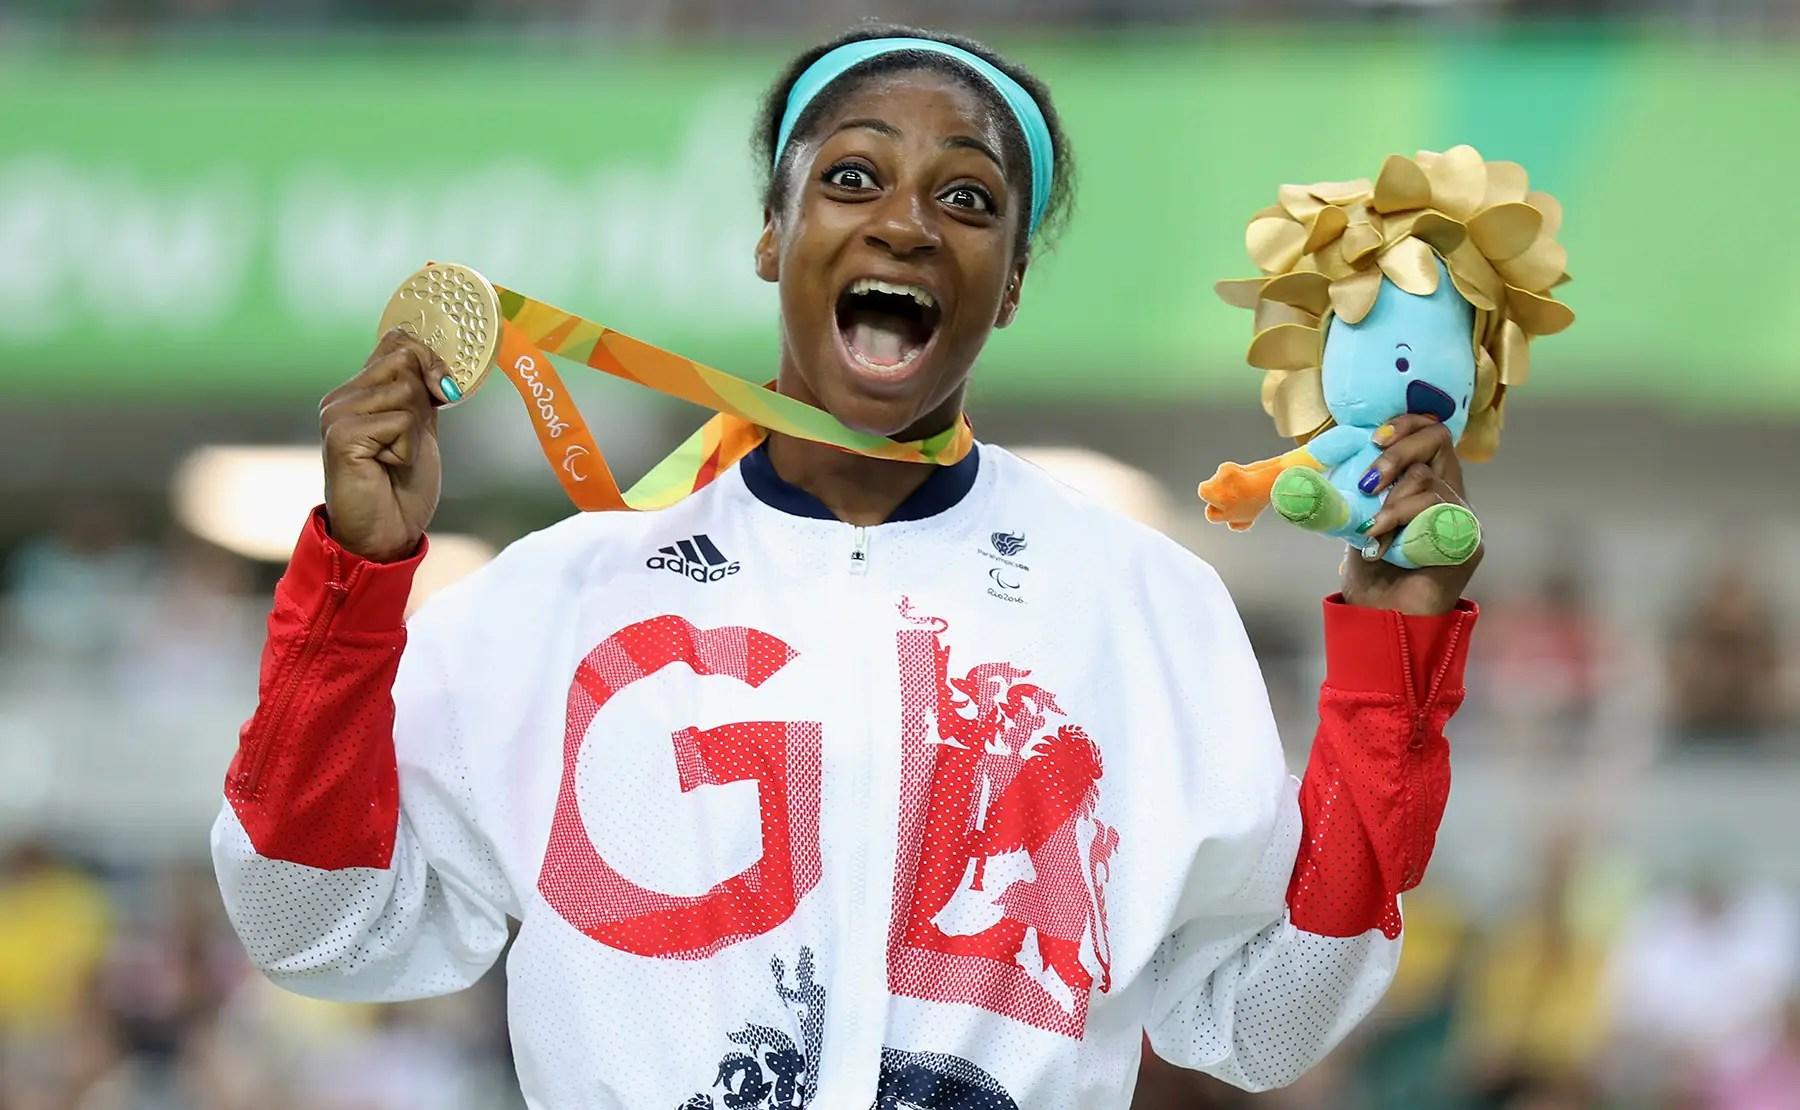 Kadeena Cox celebra su medalla de oro en el ciclismo.